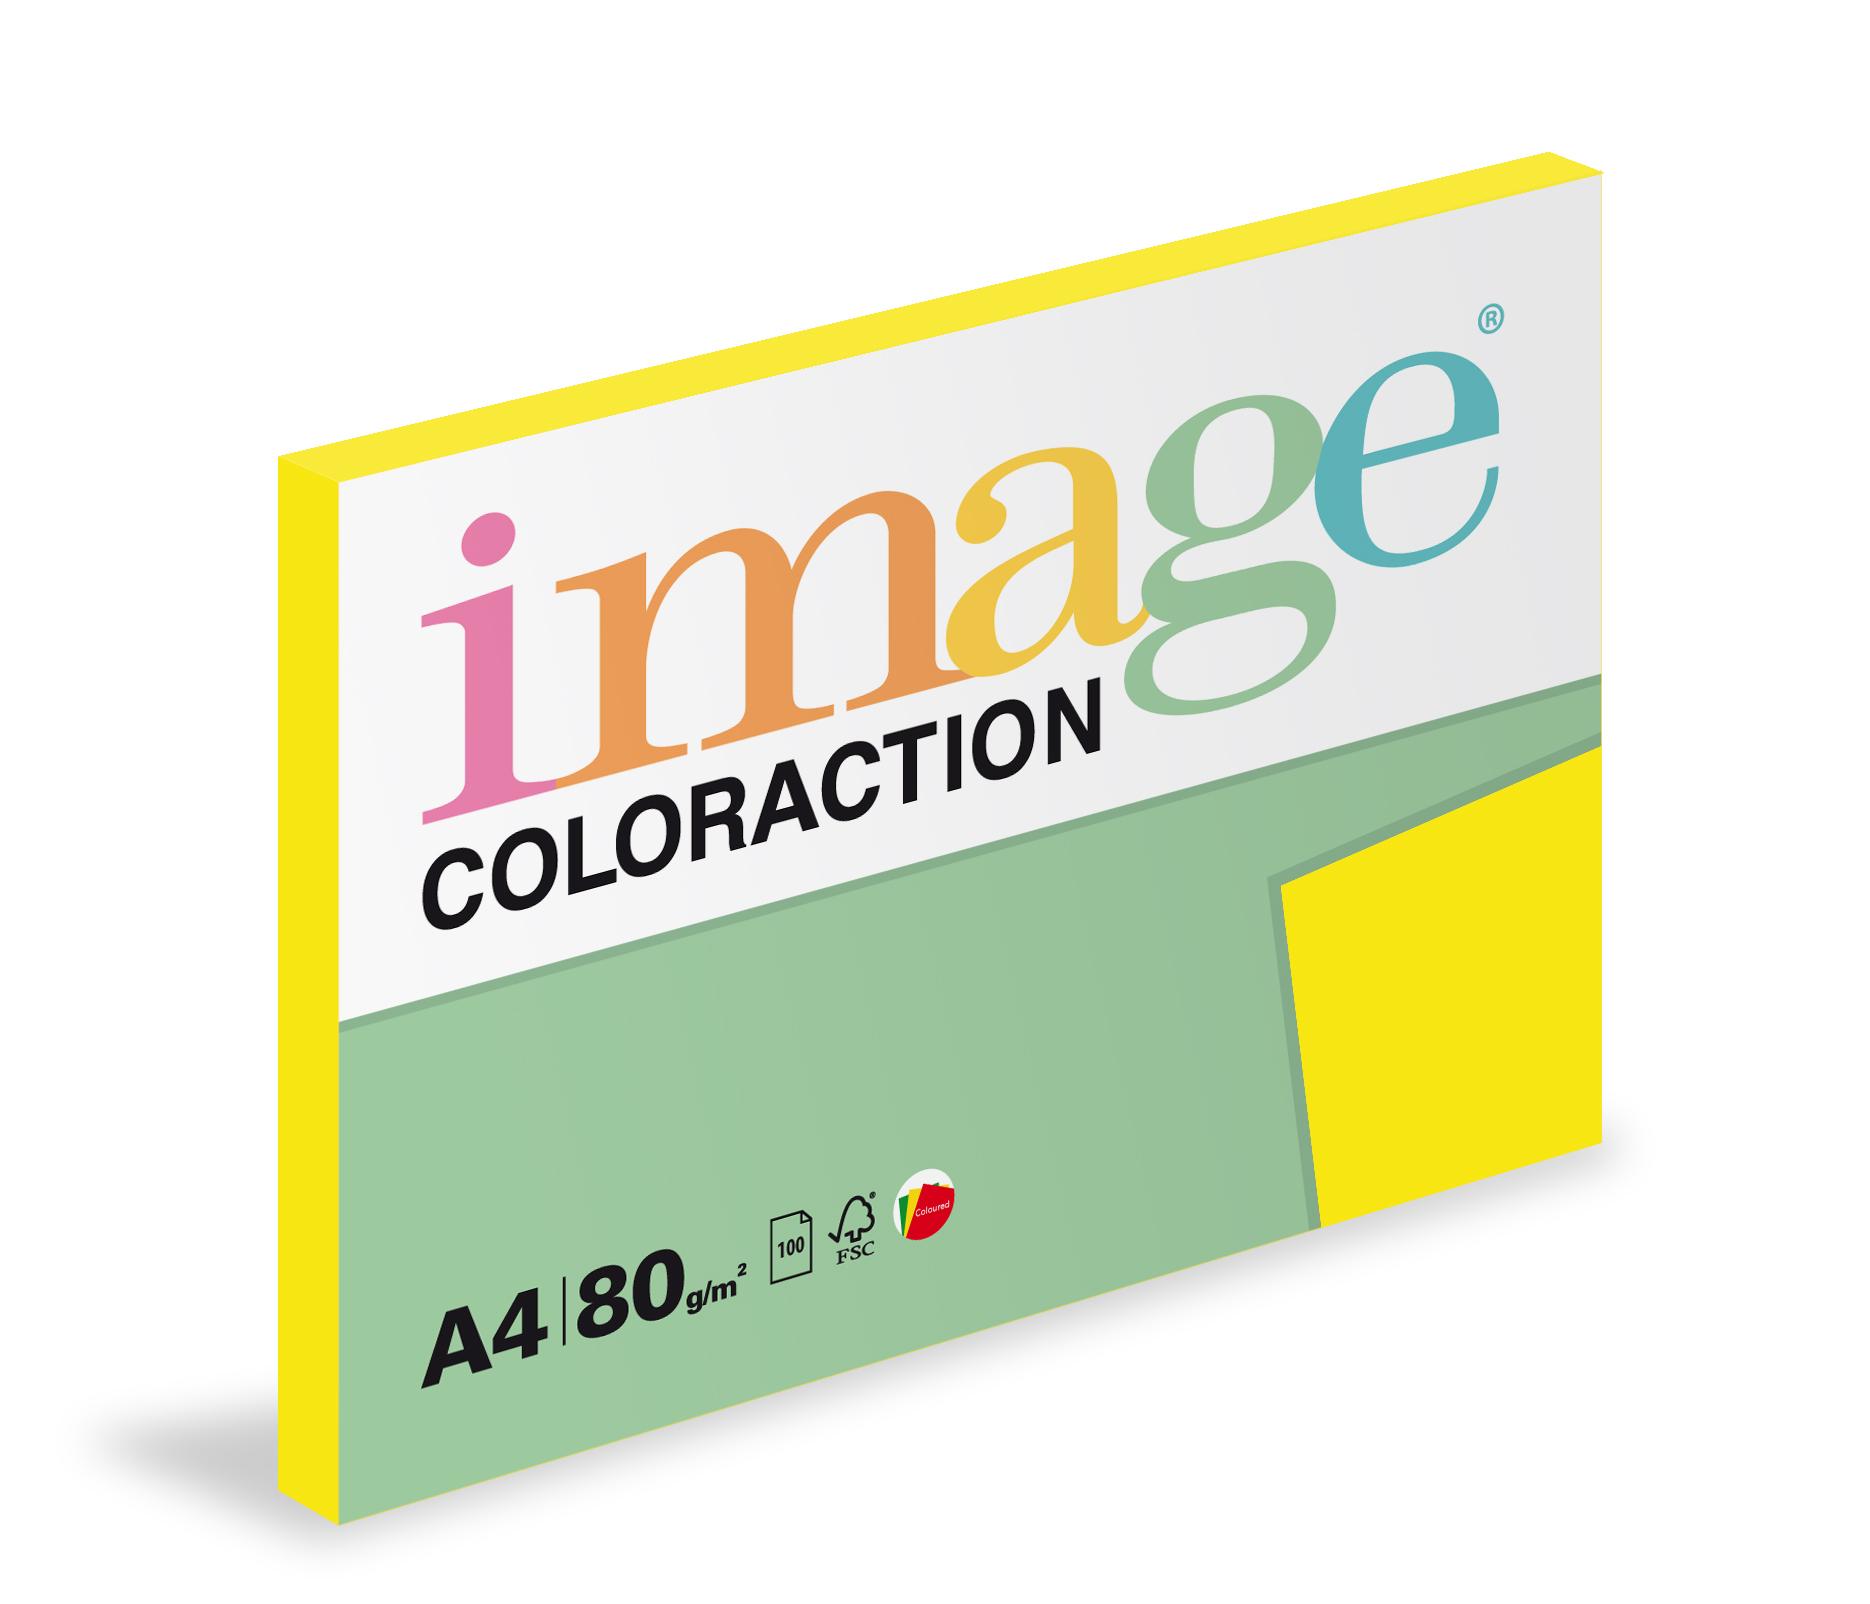 Xerografický papír barevný Coloraction 100 listů - IG50 sevilla / sytě žlutá / 100 listů